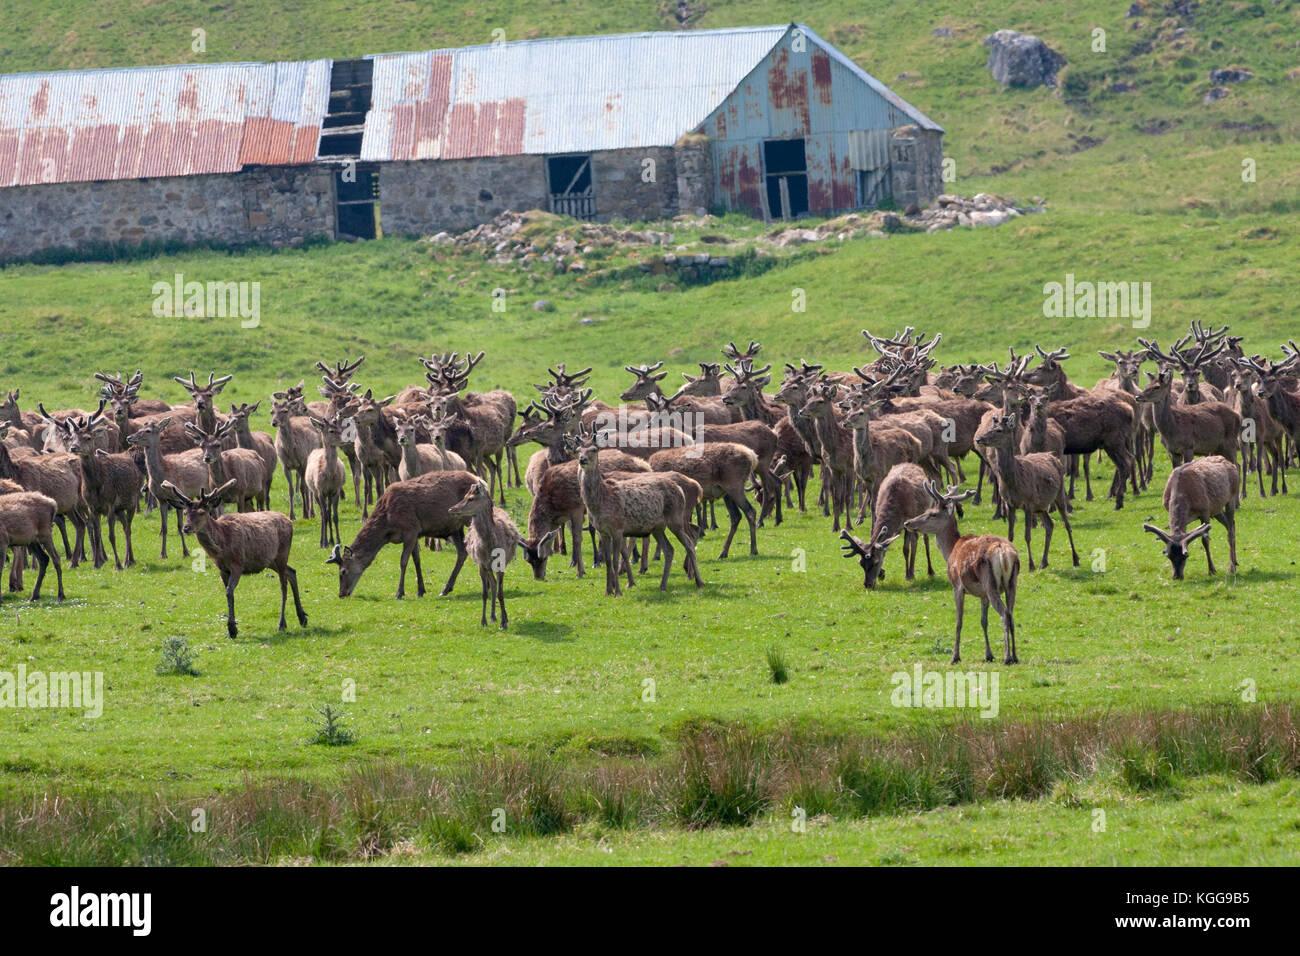 Red Deer,  Cervus elaphus,  Herd of males and females standing on grassland. Findhorn Valley, Scotland, UK. - Stock Image